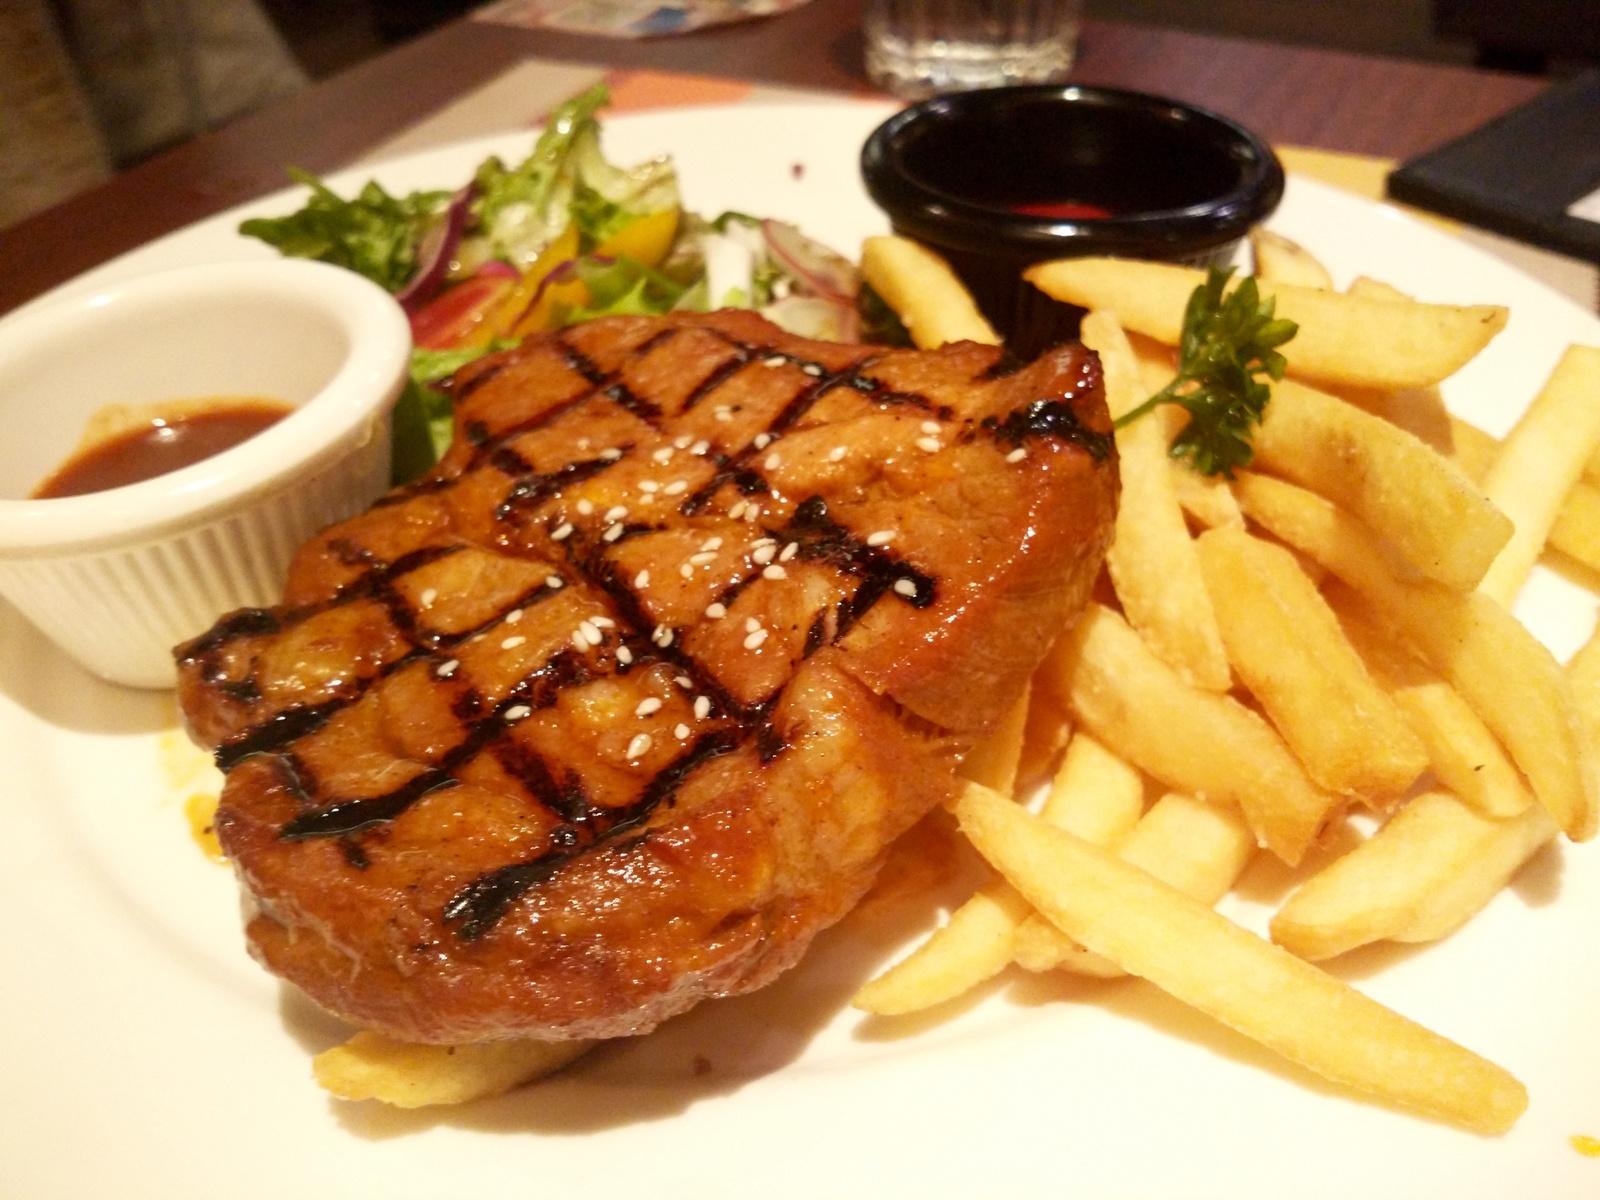 стейк из свинины на гриле с картофелем фри